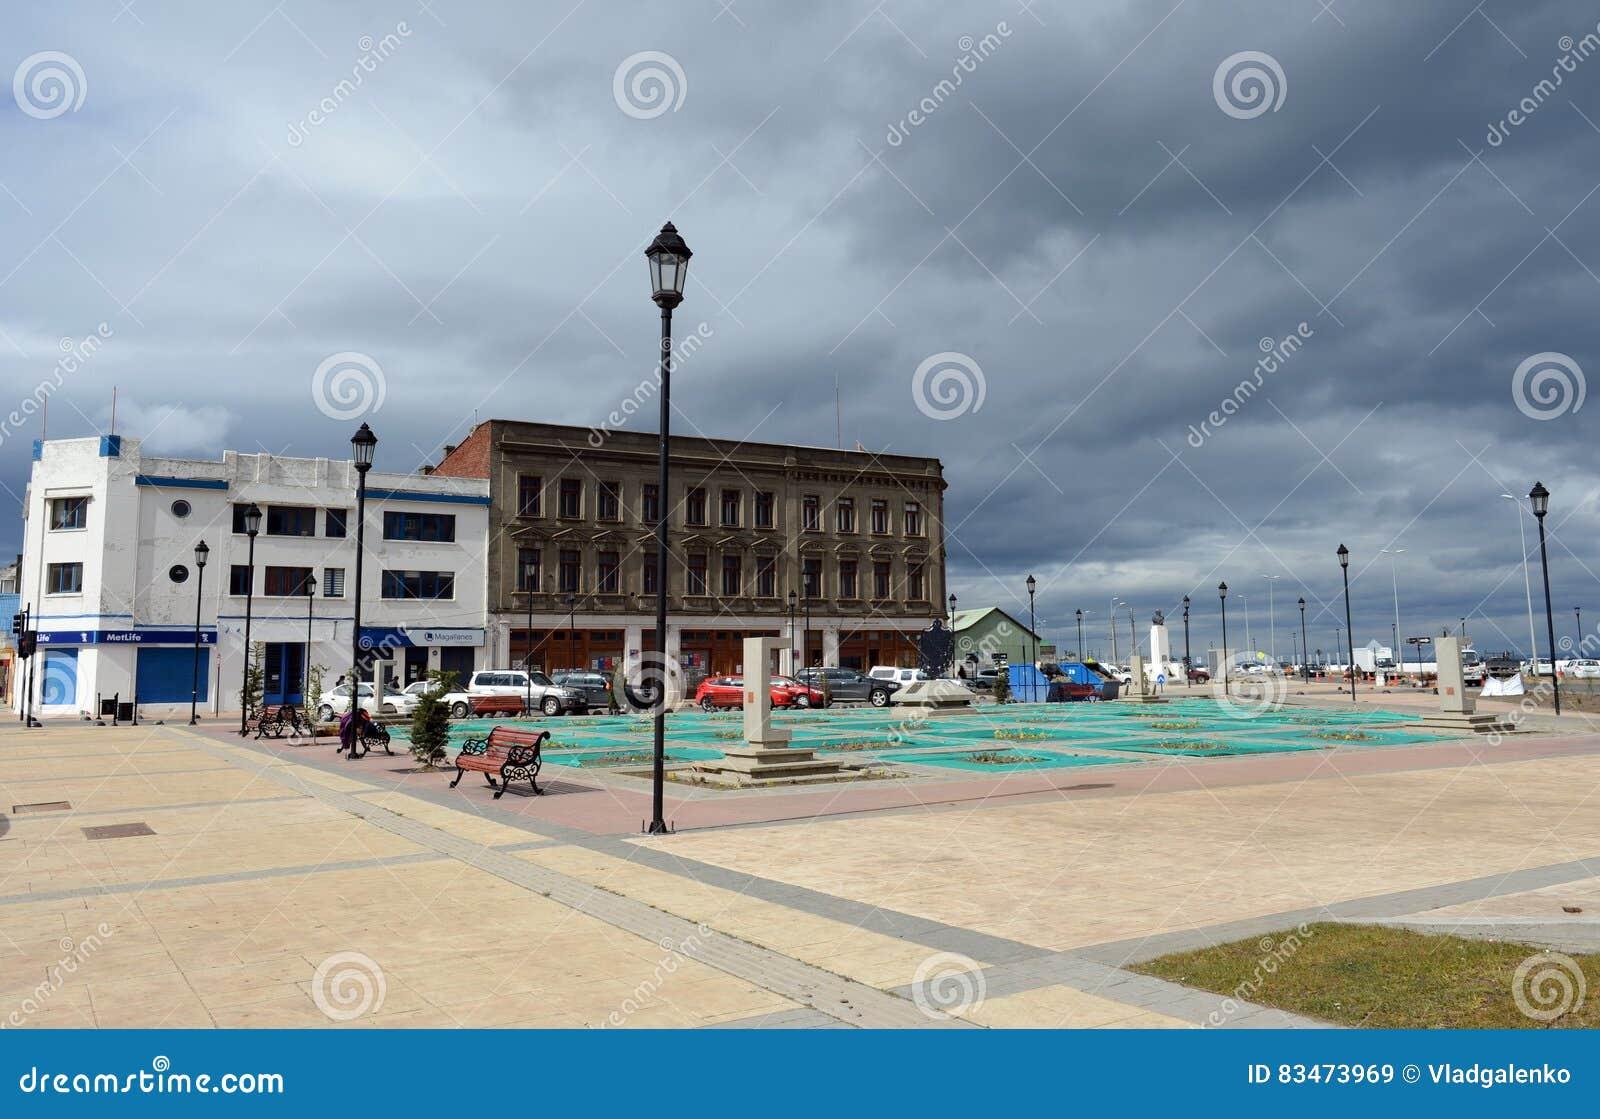 Punta Arenas ist eine Stadt in Chile